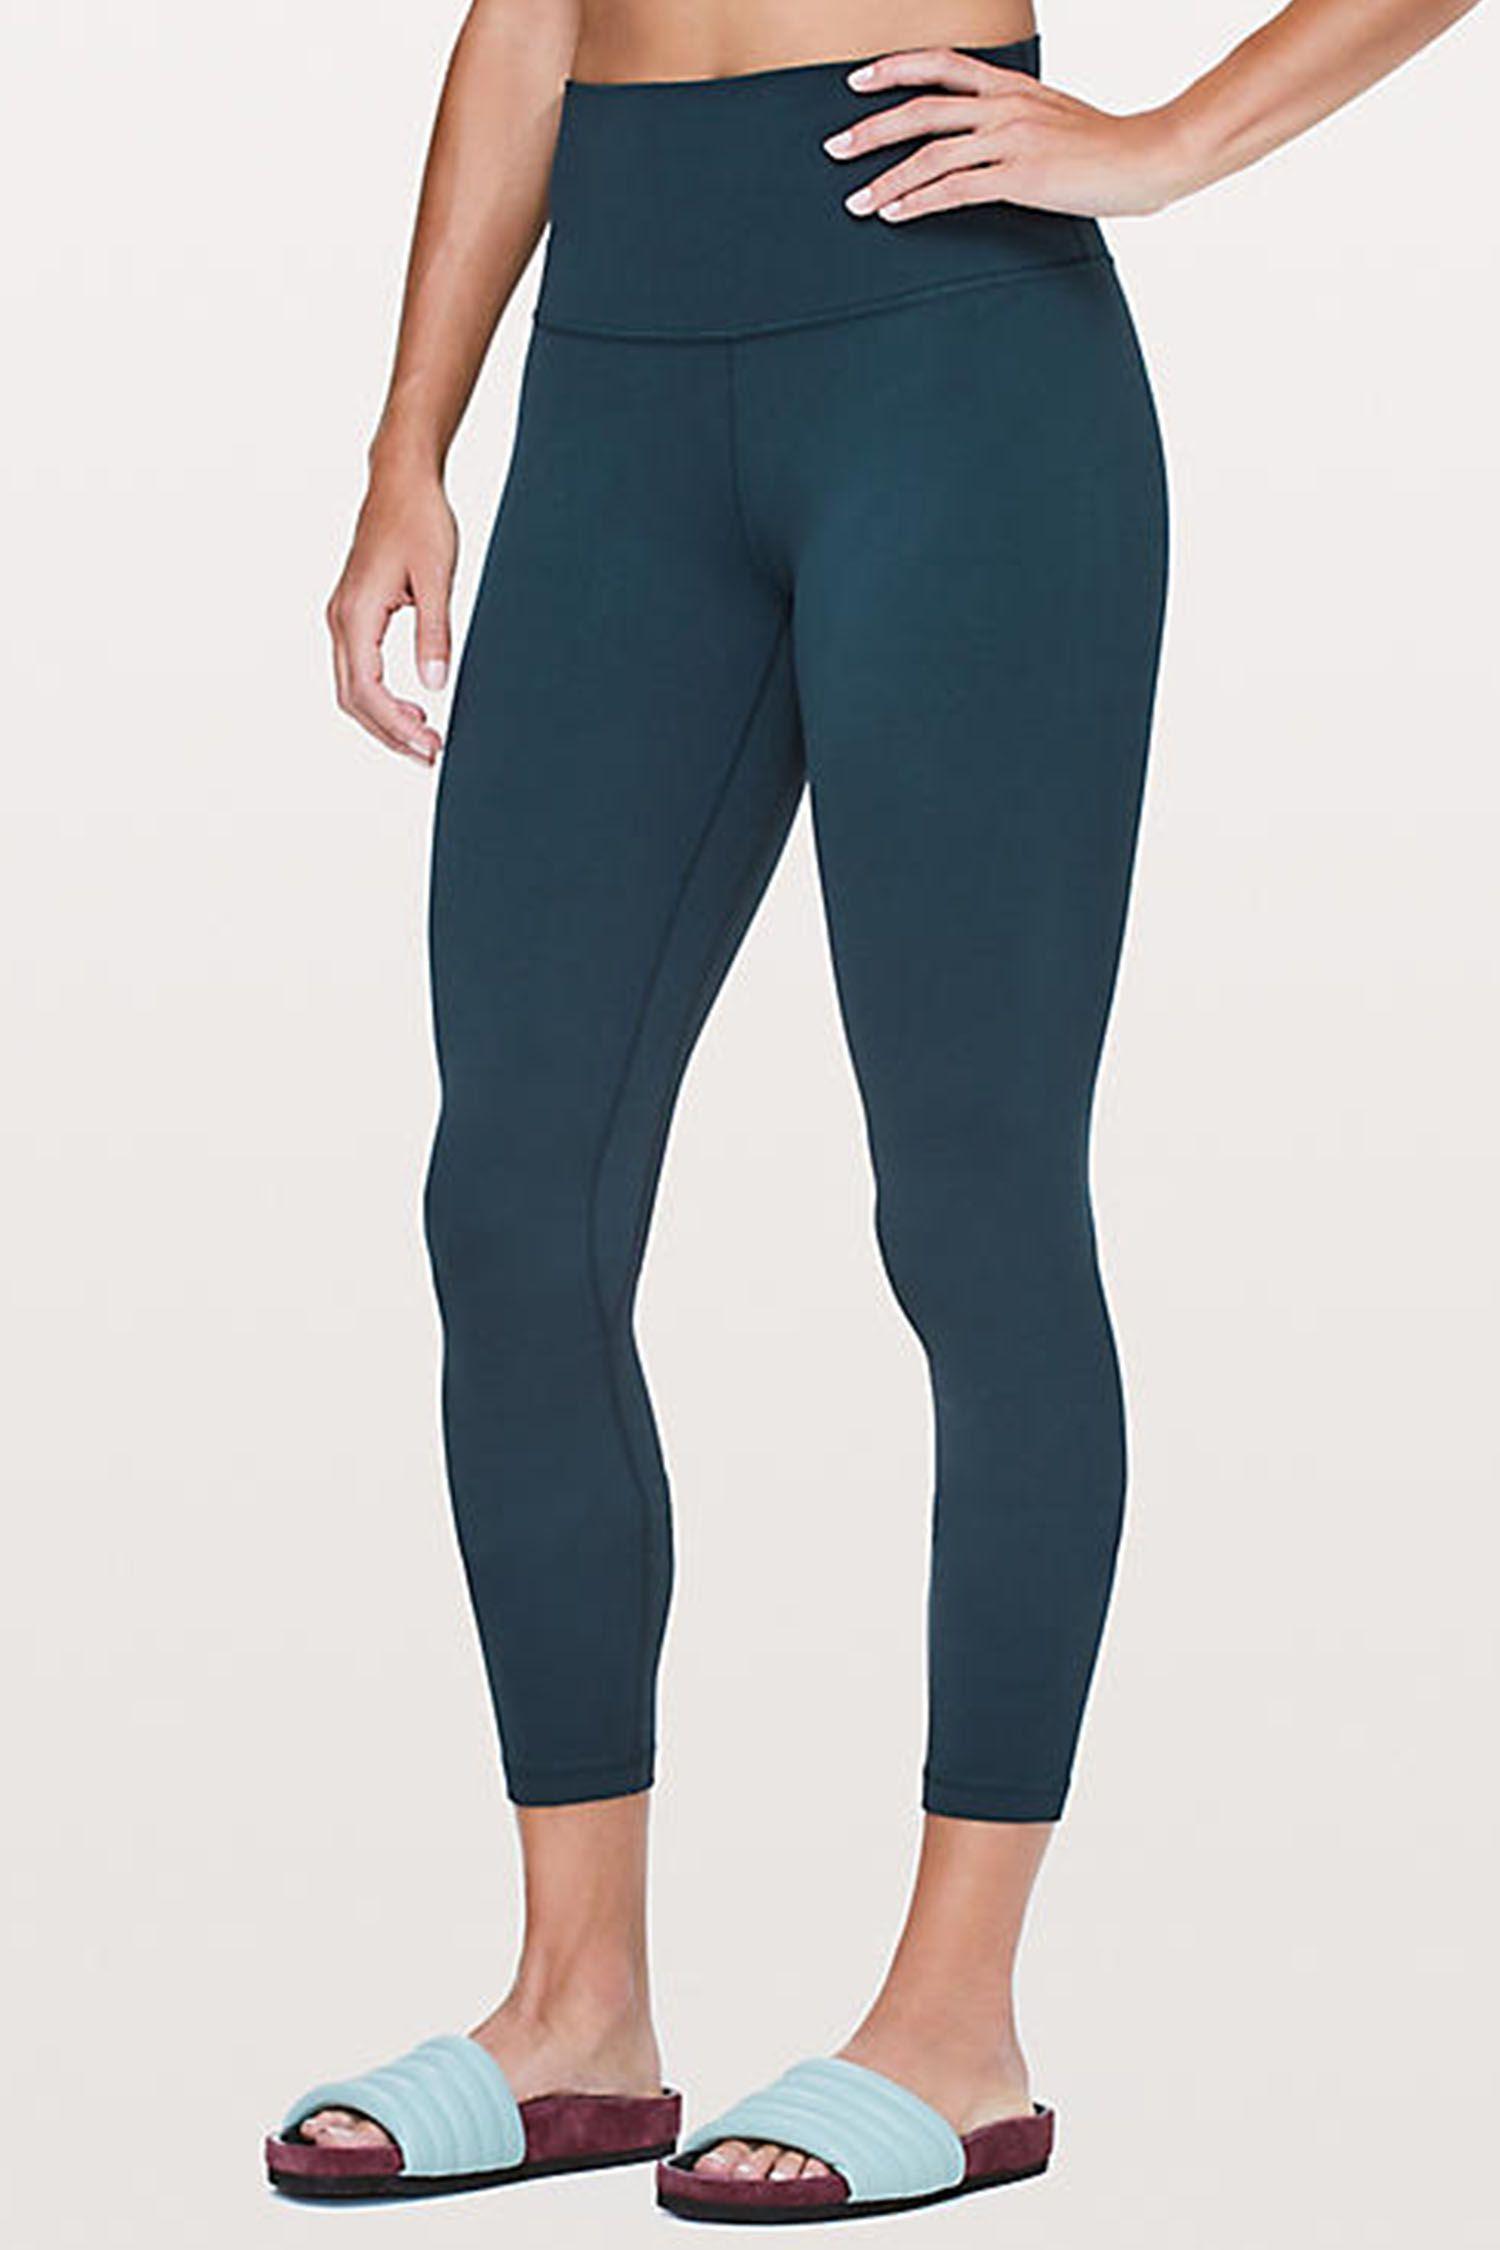 Basic Damen Leggings in schwarz 2er Pack